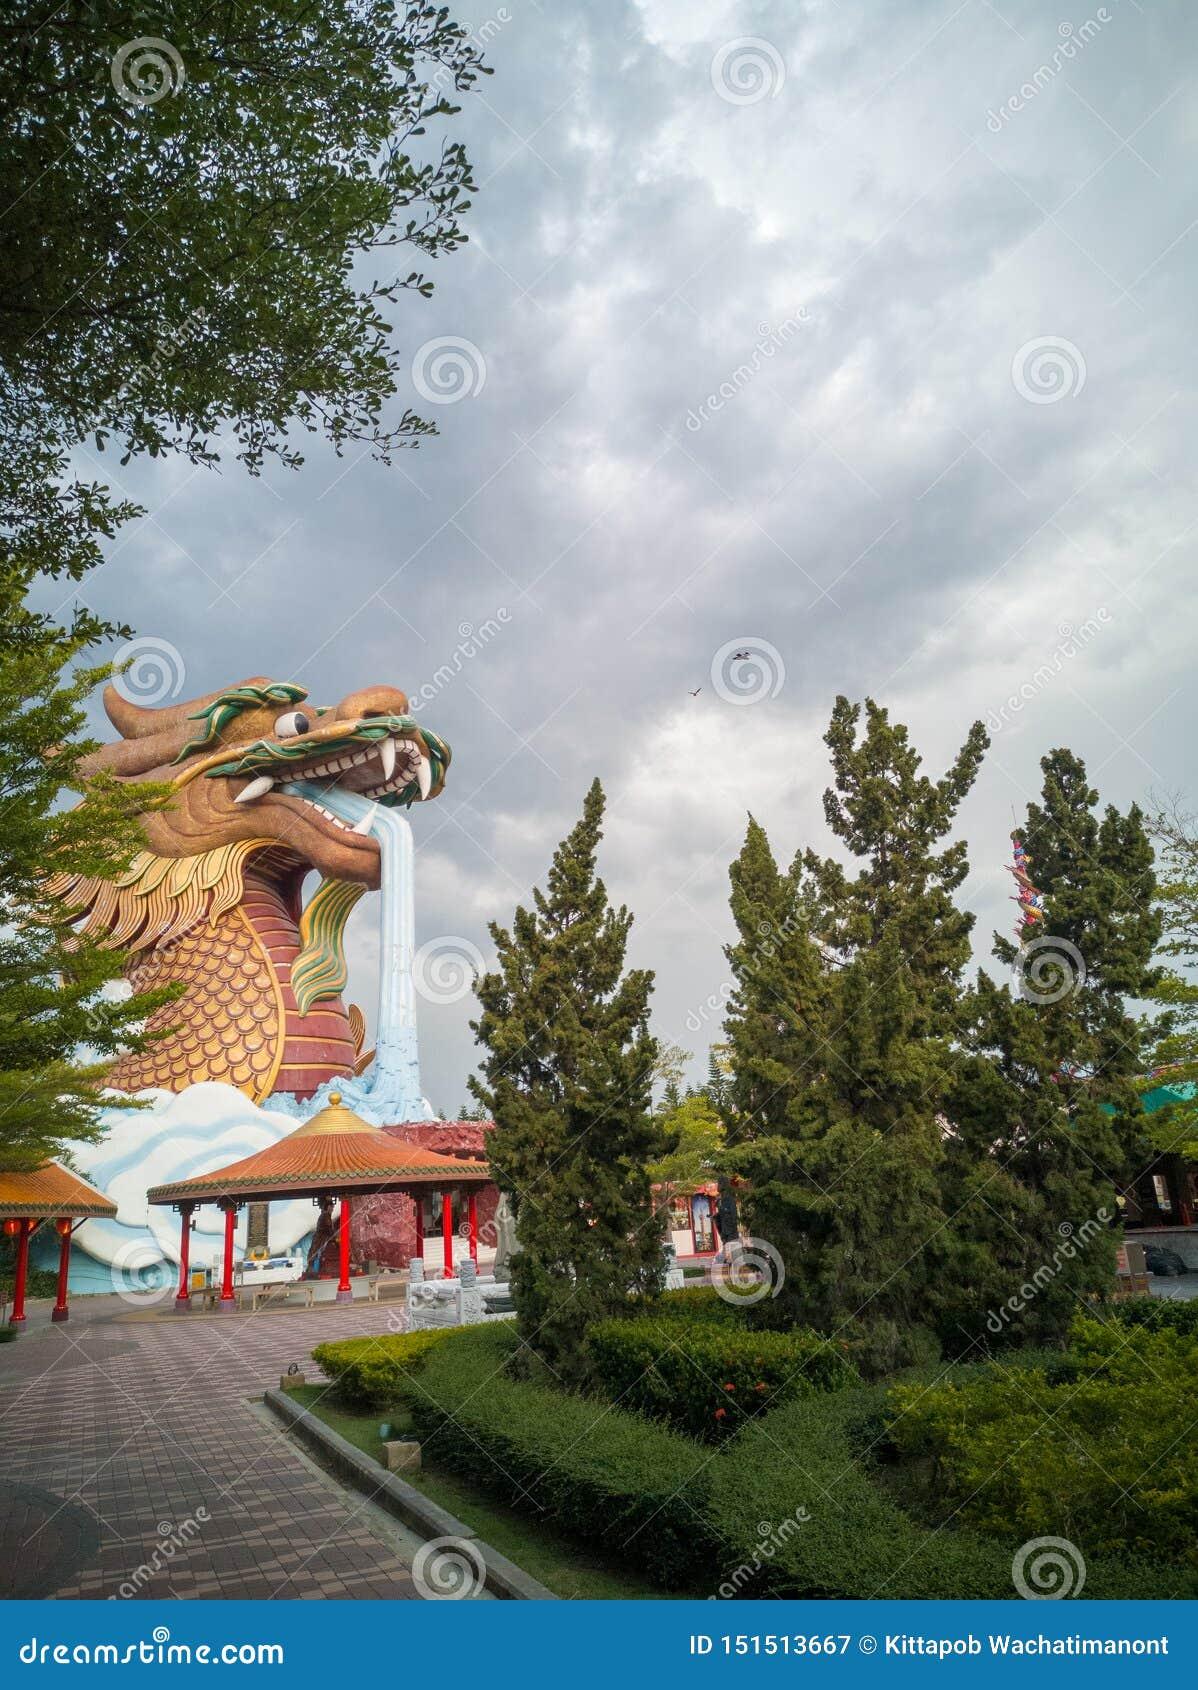 En stor drakebyggnad i trädgården, medan himlen är nära att regna